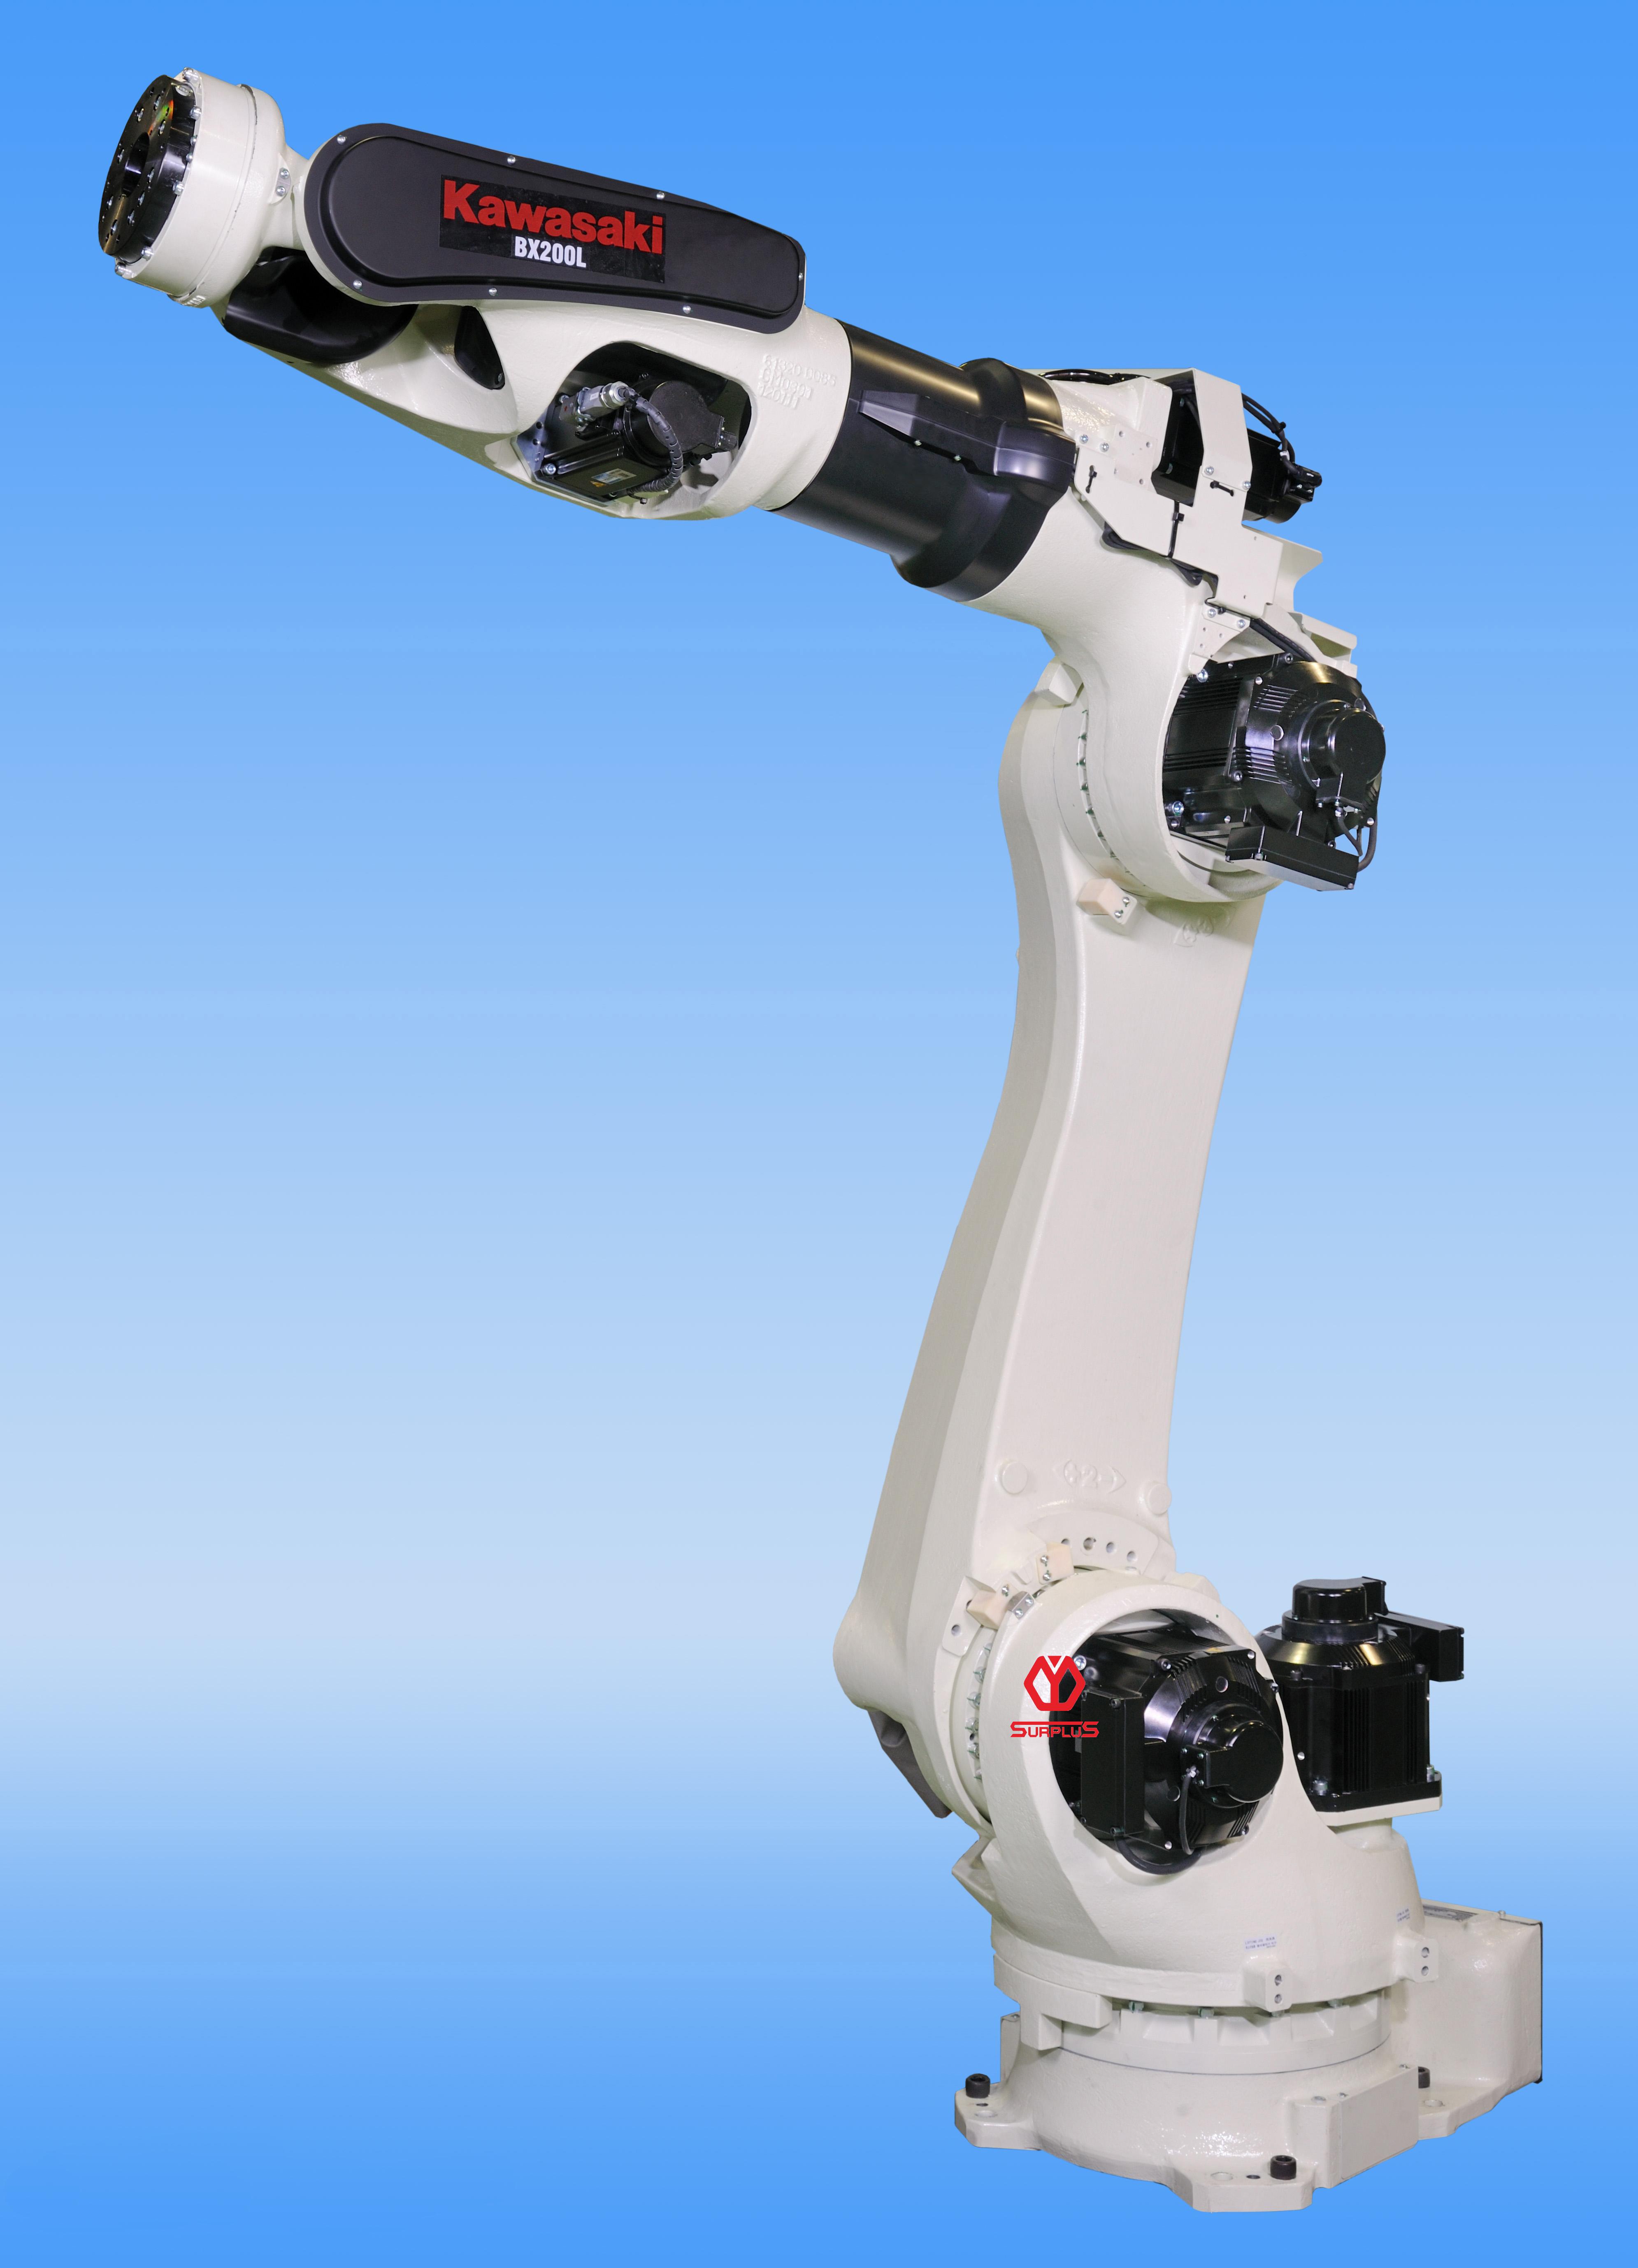 �9�y�b�l#���y�+_点焊多功能机器人,工业机械手,川崎机器人bx200l